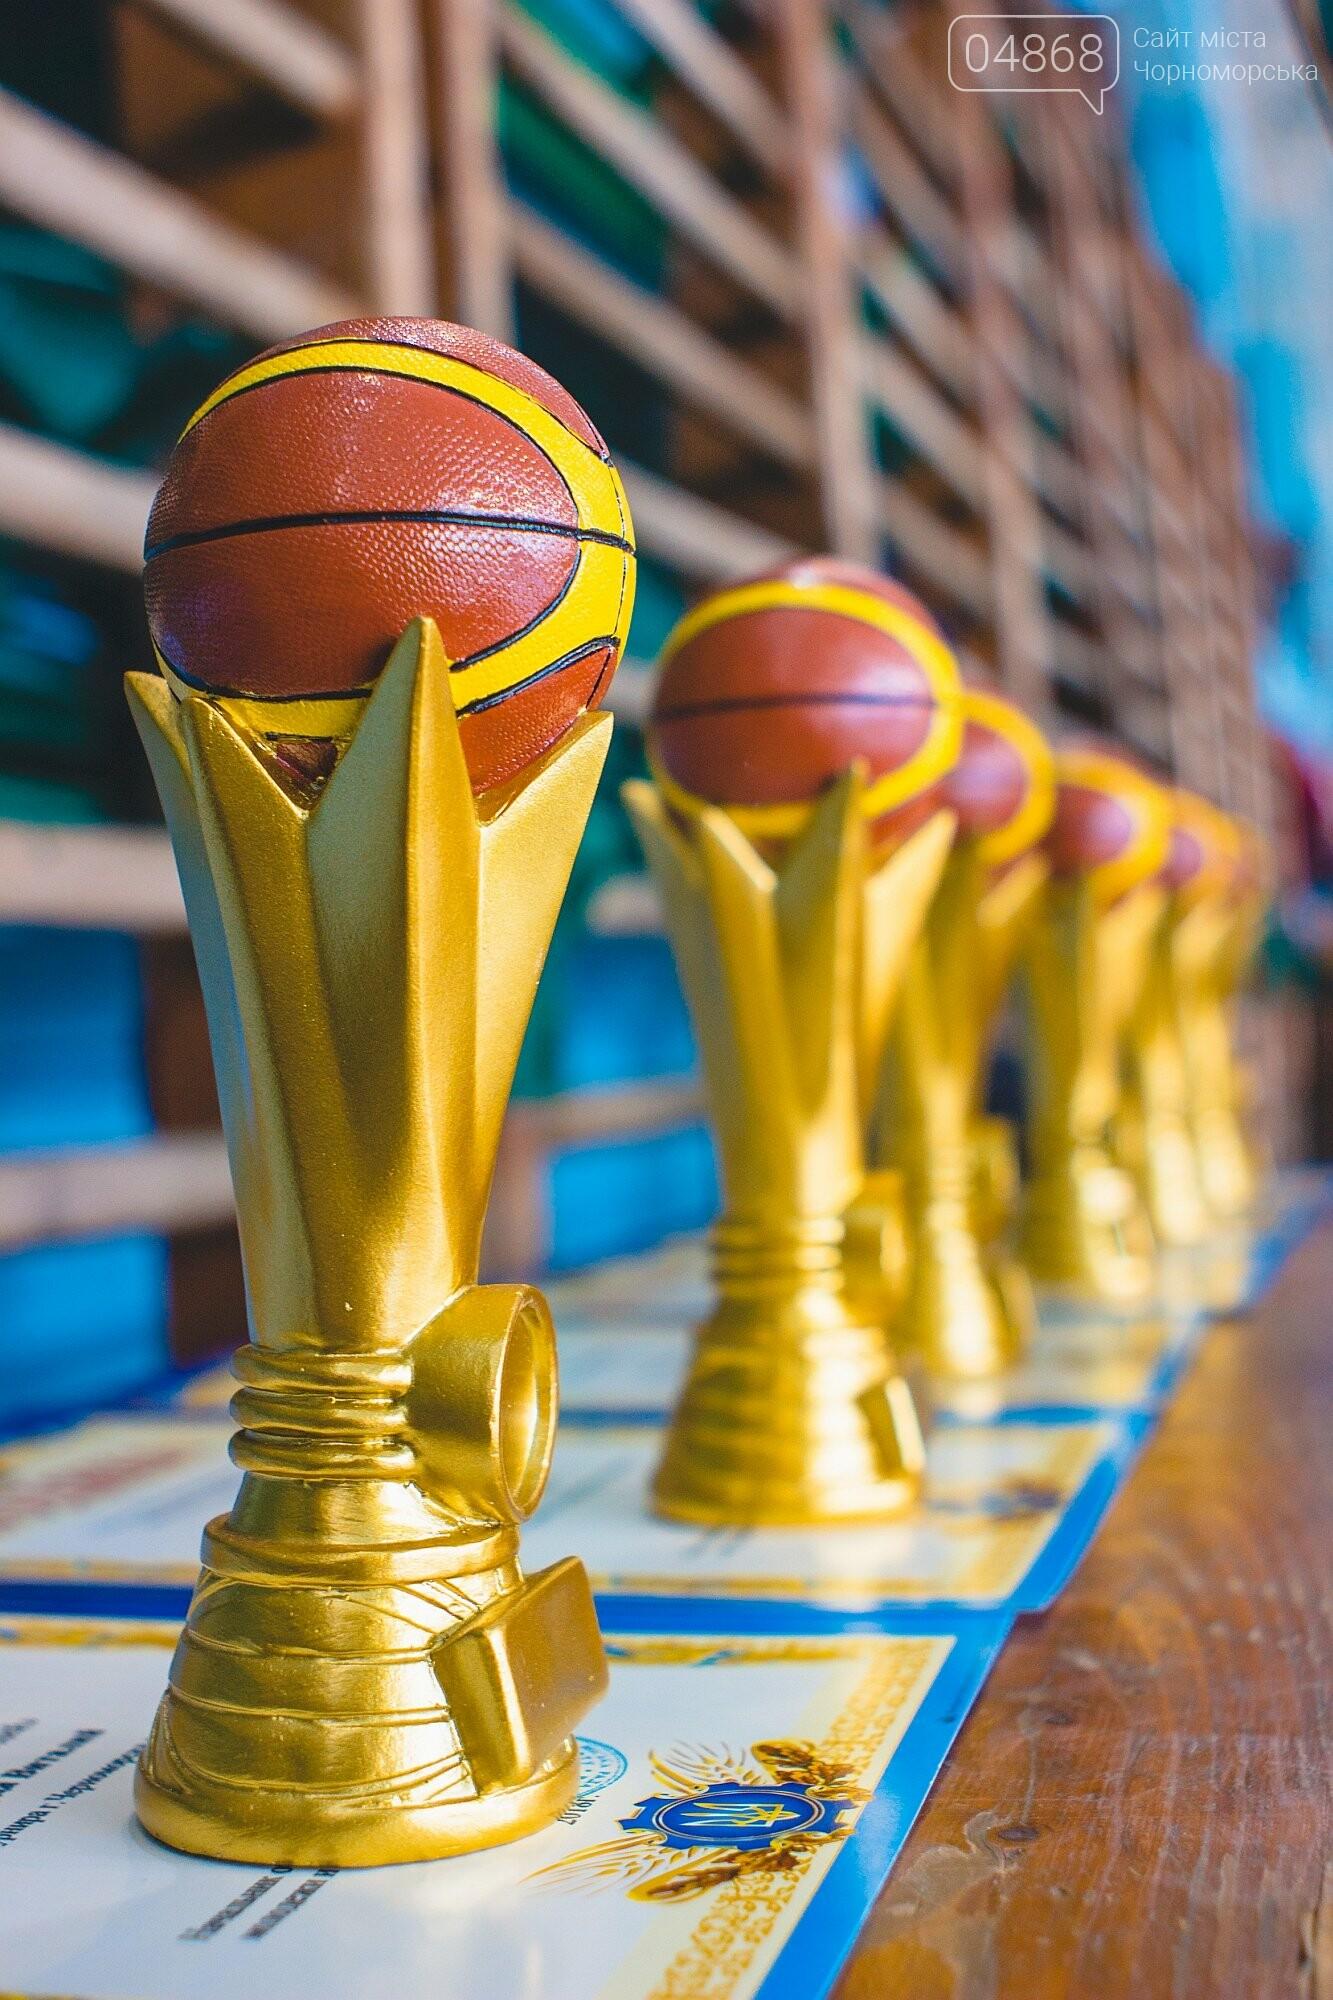 Чемпионат по баскетболу завершился победой команды Черноморска, фото-10